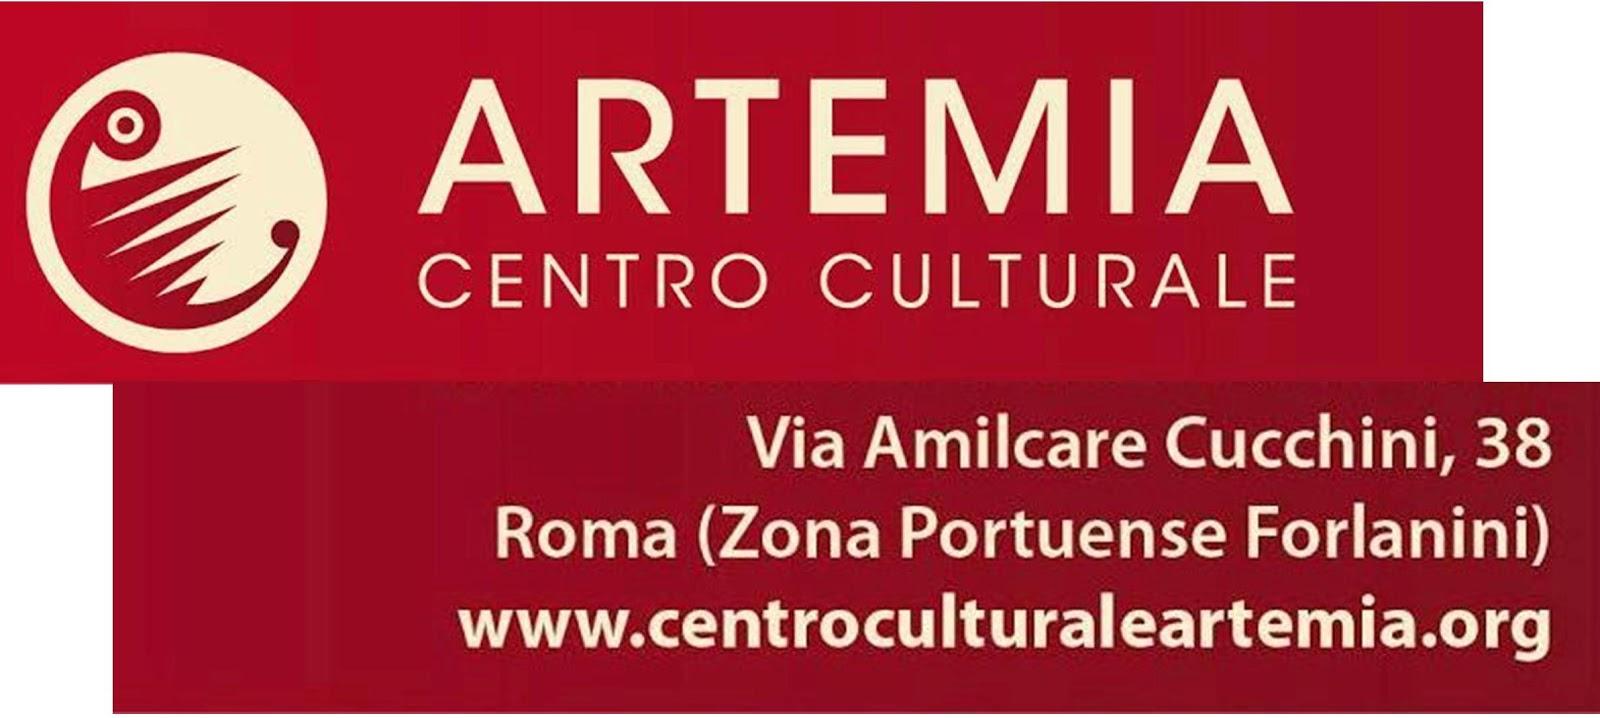 Centro Culturale Artemia Expo 2017-18